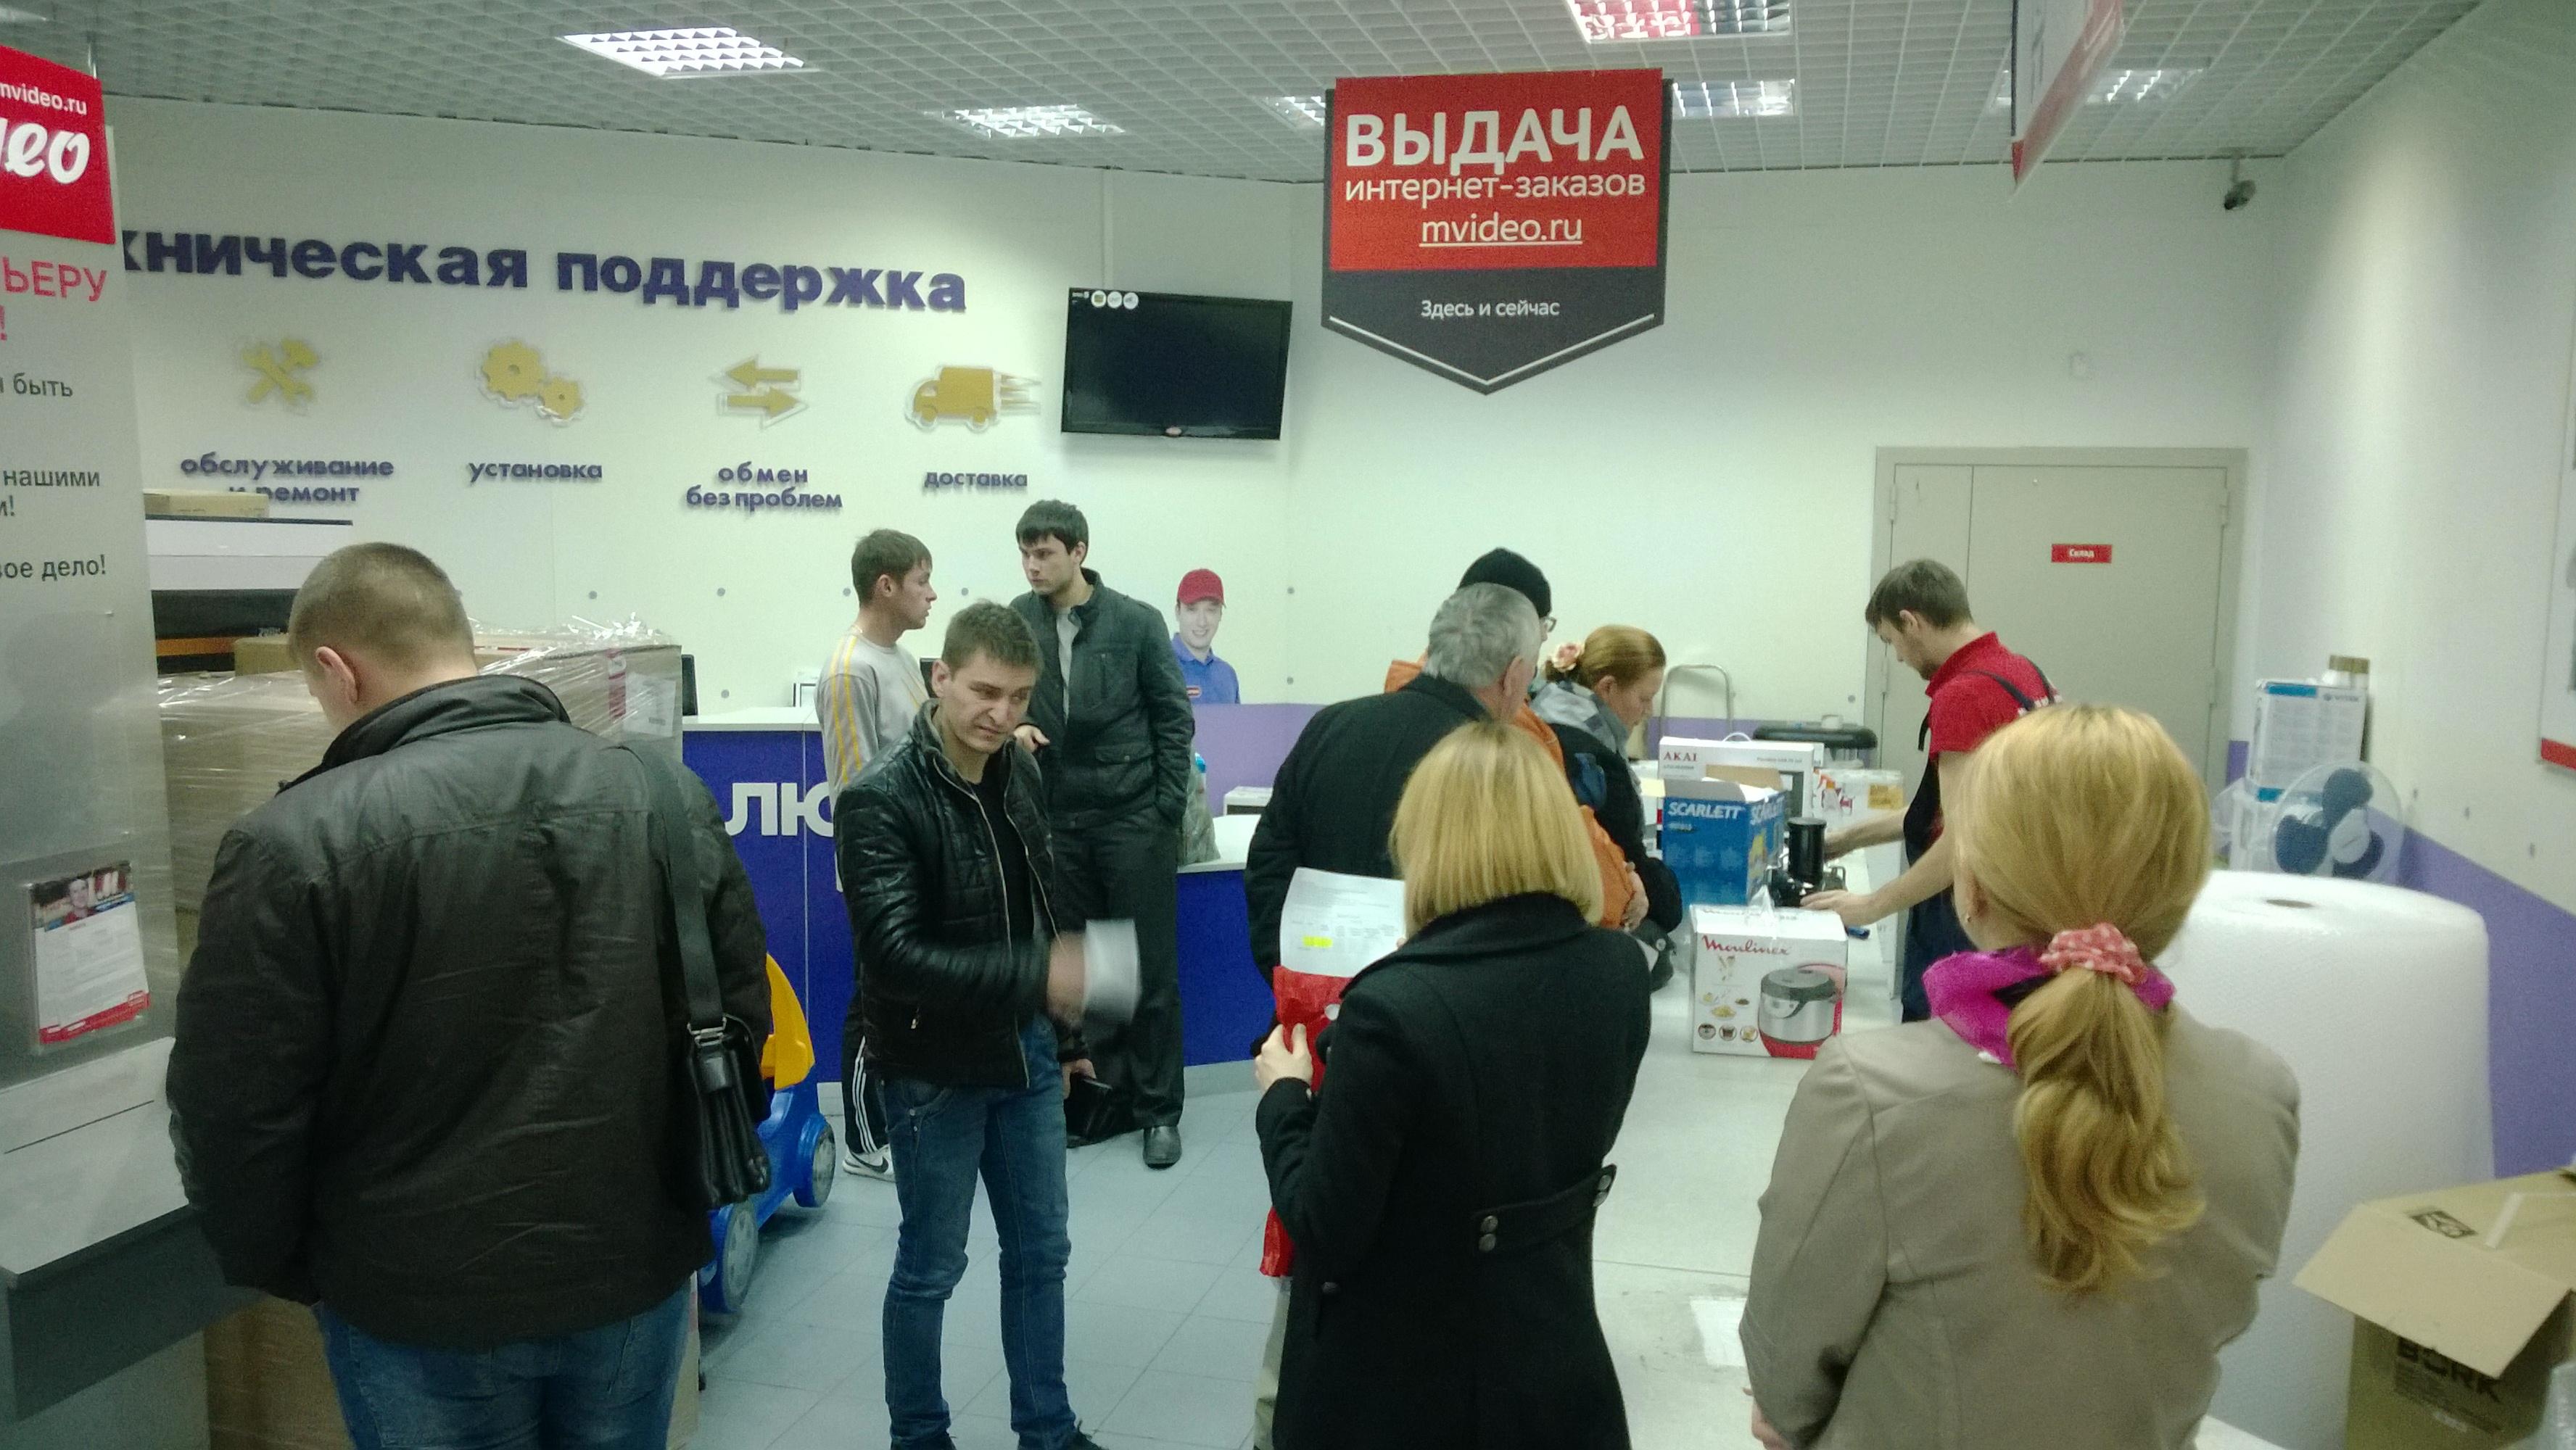 Интернет магазин бытовой техники и электроники RBTru в Уфе